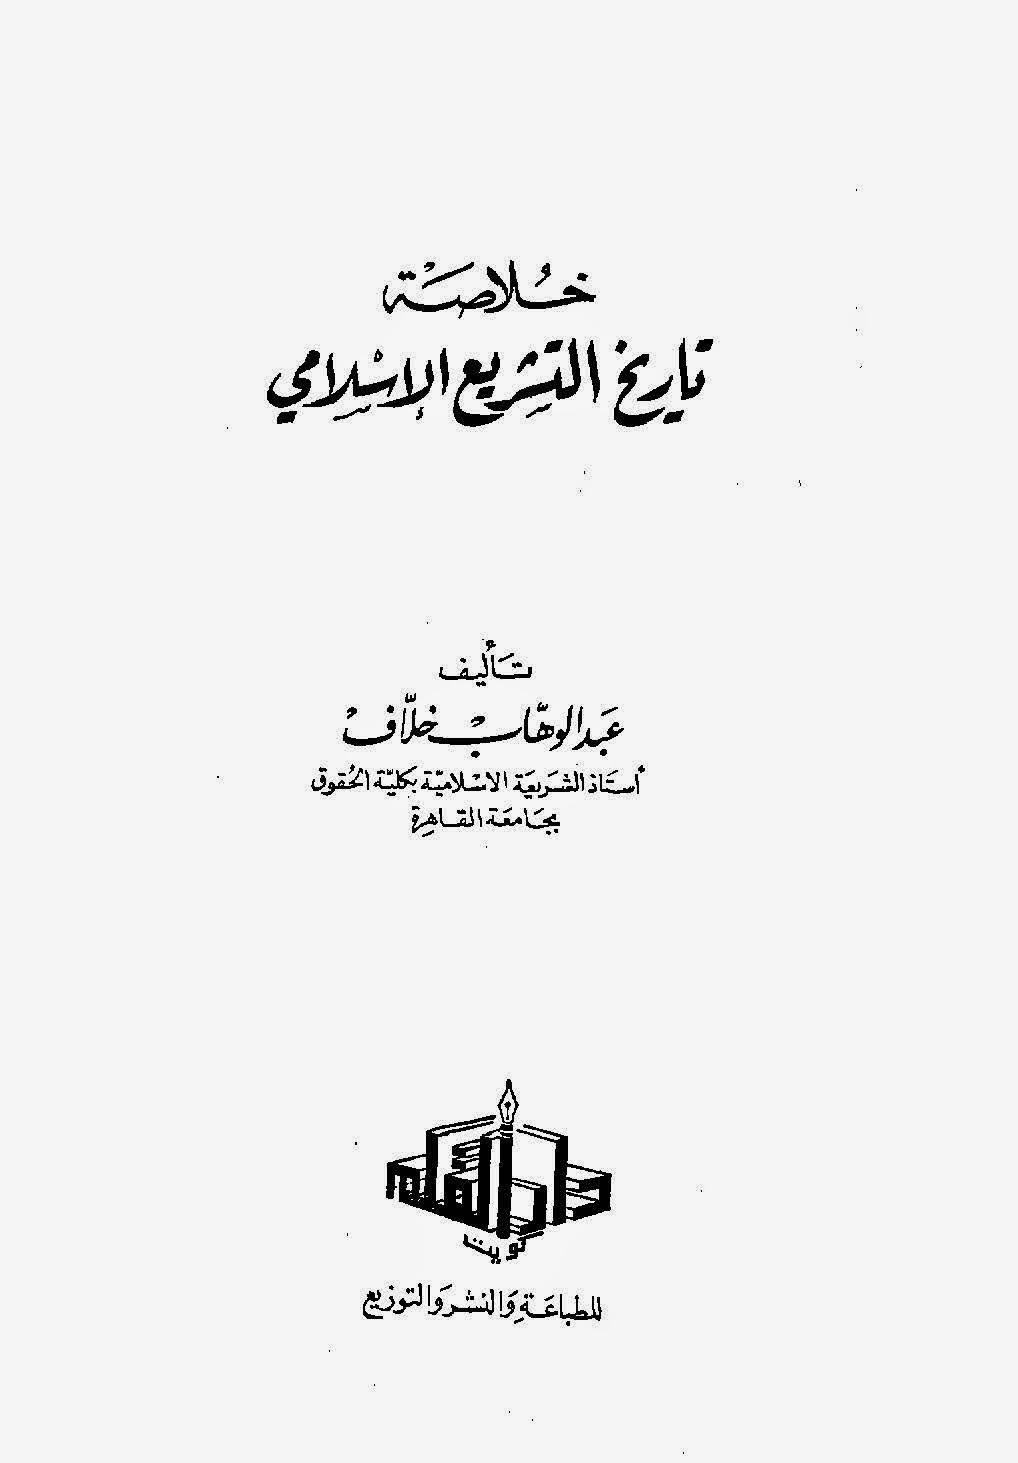 خلاصة التشريع الإسلامي لـ عبد الوهاب خلاف